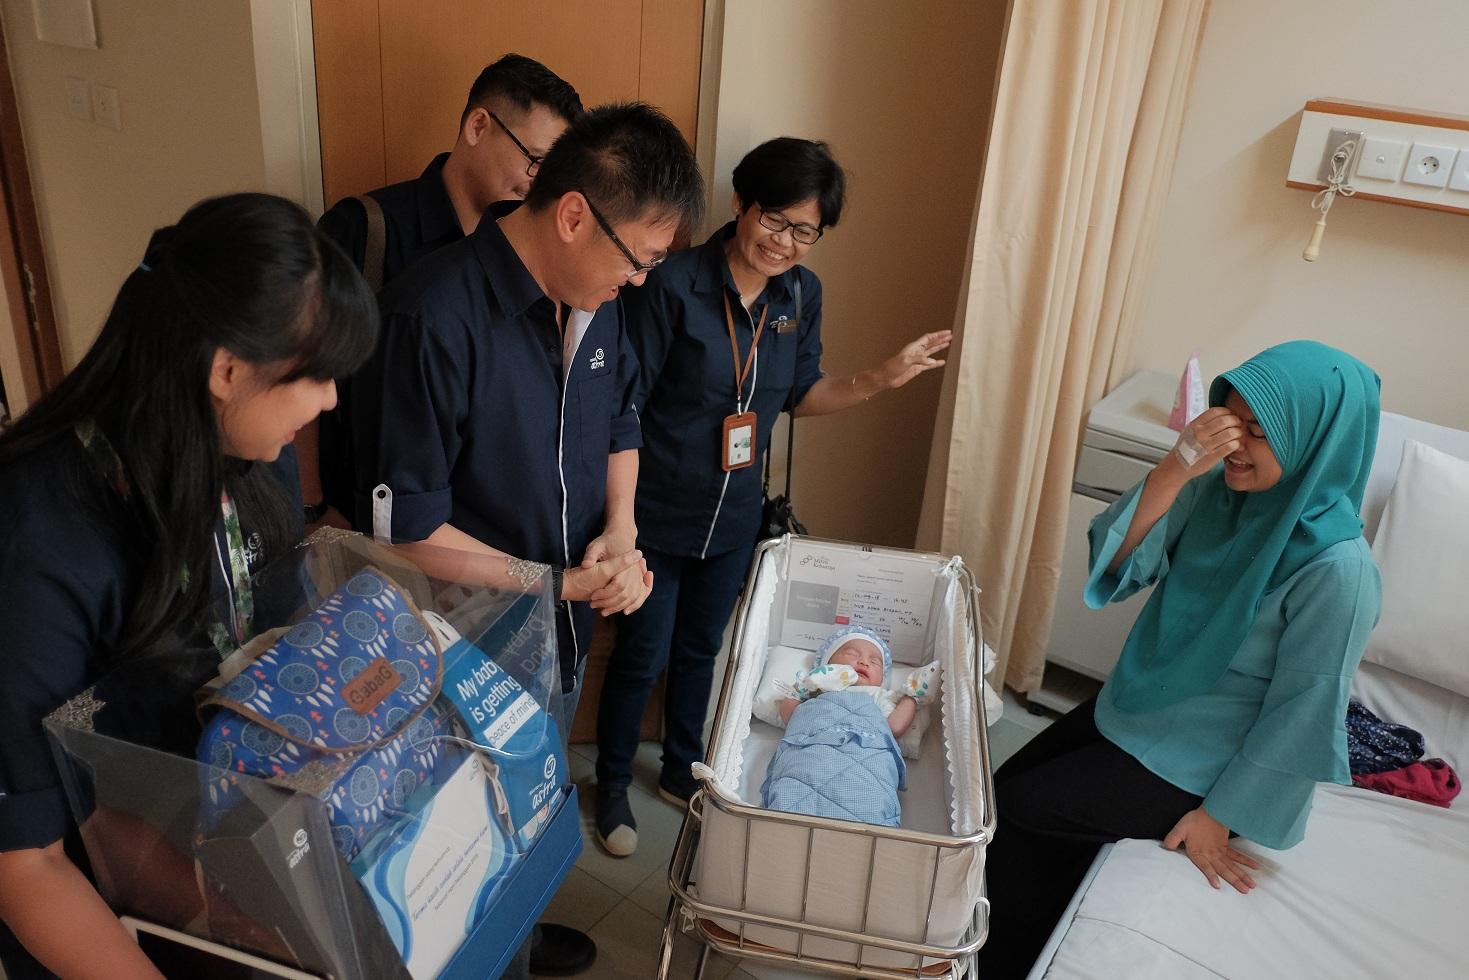 CEO Asuransi Astra, Rudy Chen saat mengunjungi peserta Garda Medika yang baru saja melahirkan di tanggal 12 September 2018.